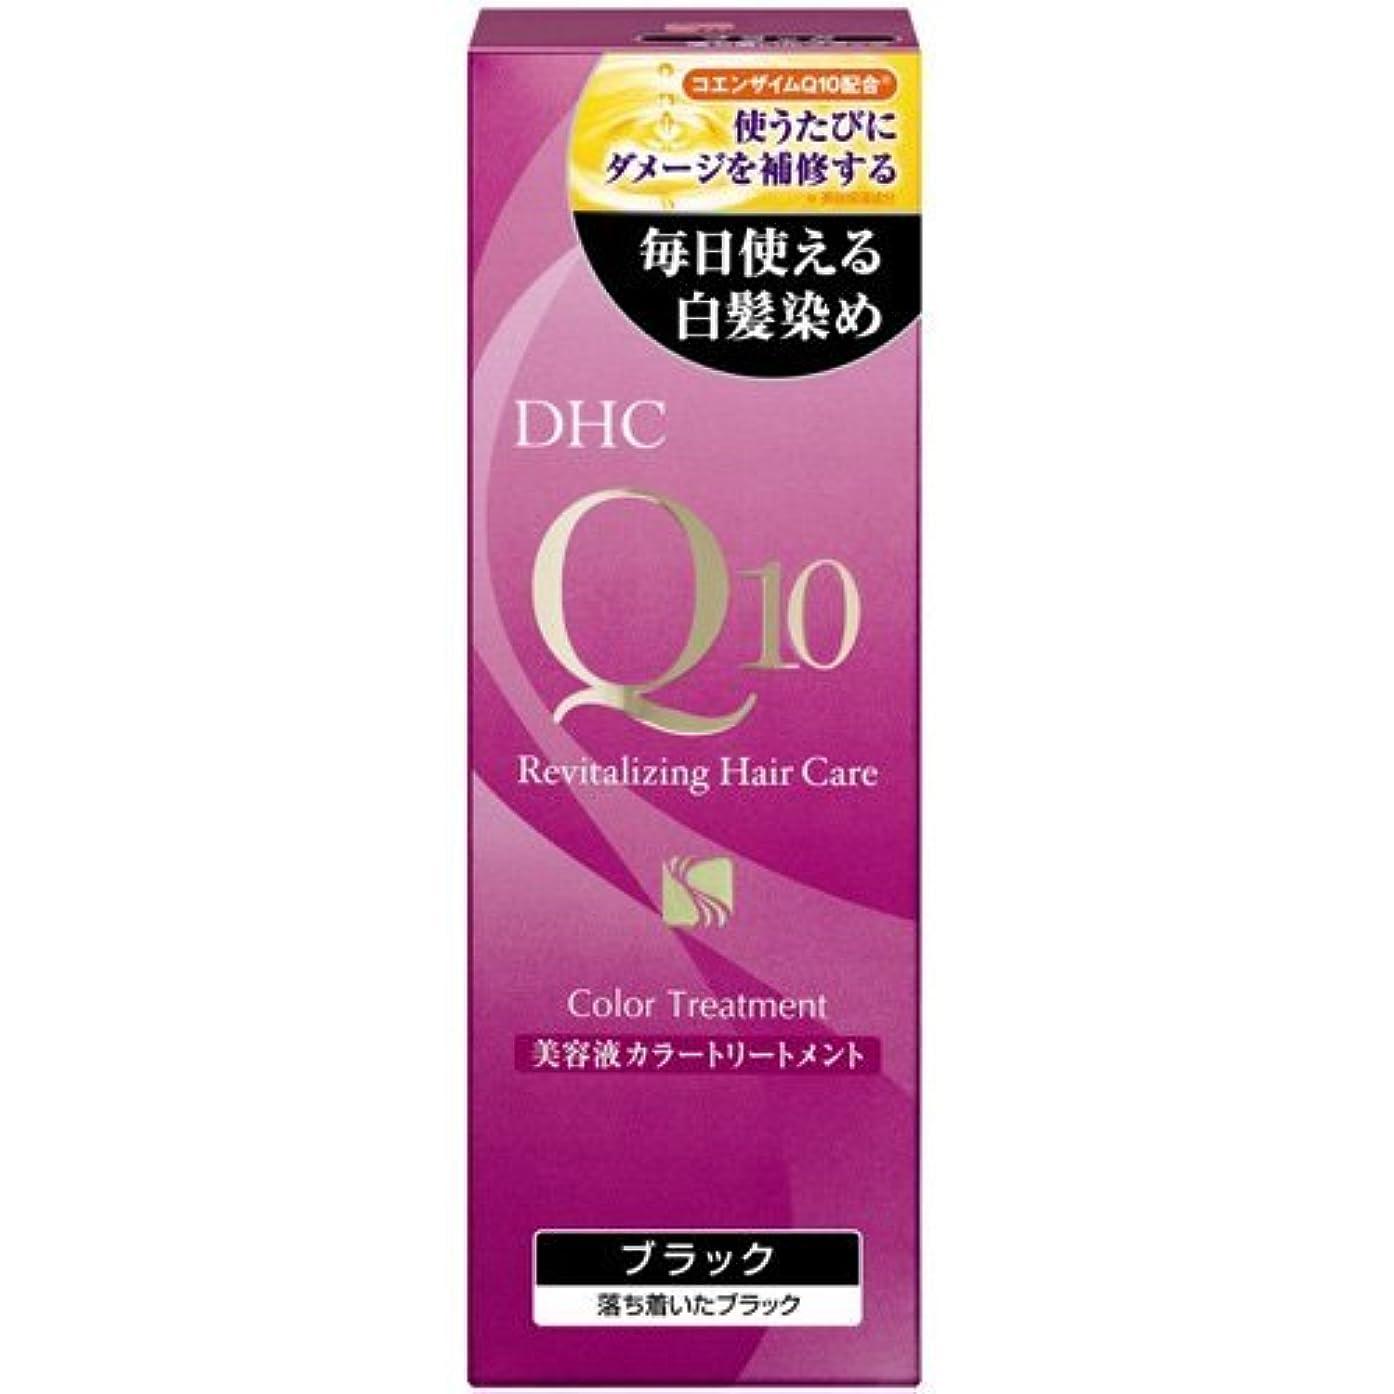 【まとめ買い】DHC Q10美溶液カラートリートメントブラックSS170g ×4個